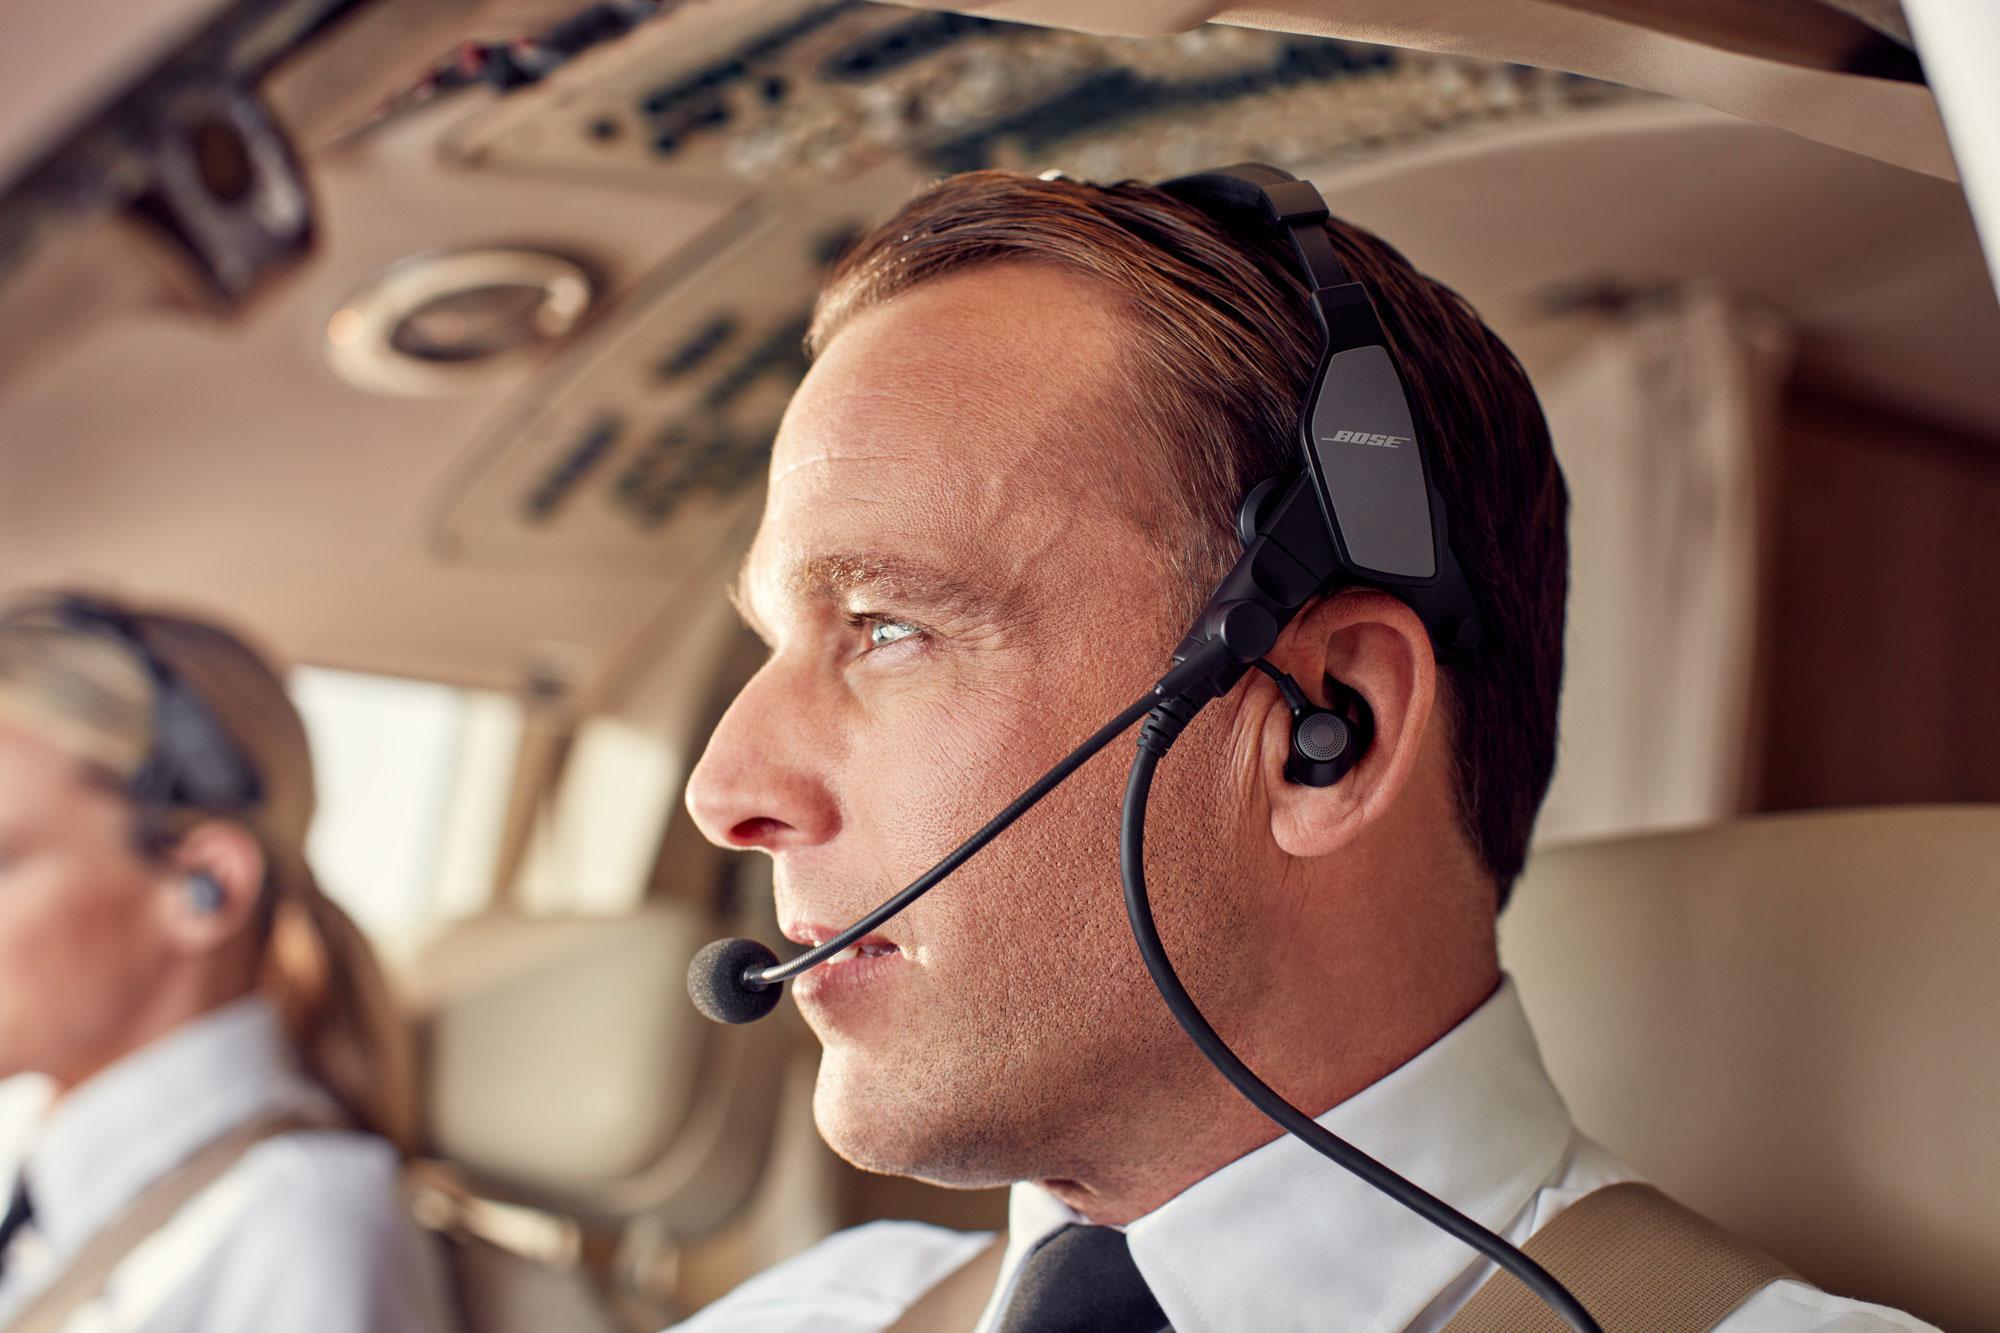 Обзоры Crew Shop: гарнитура линейного пилота